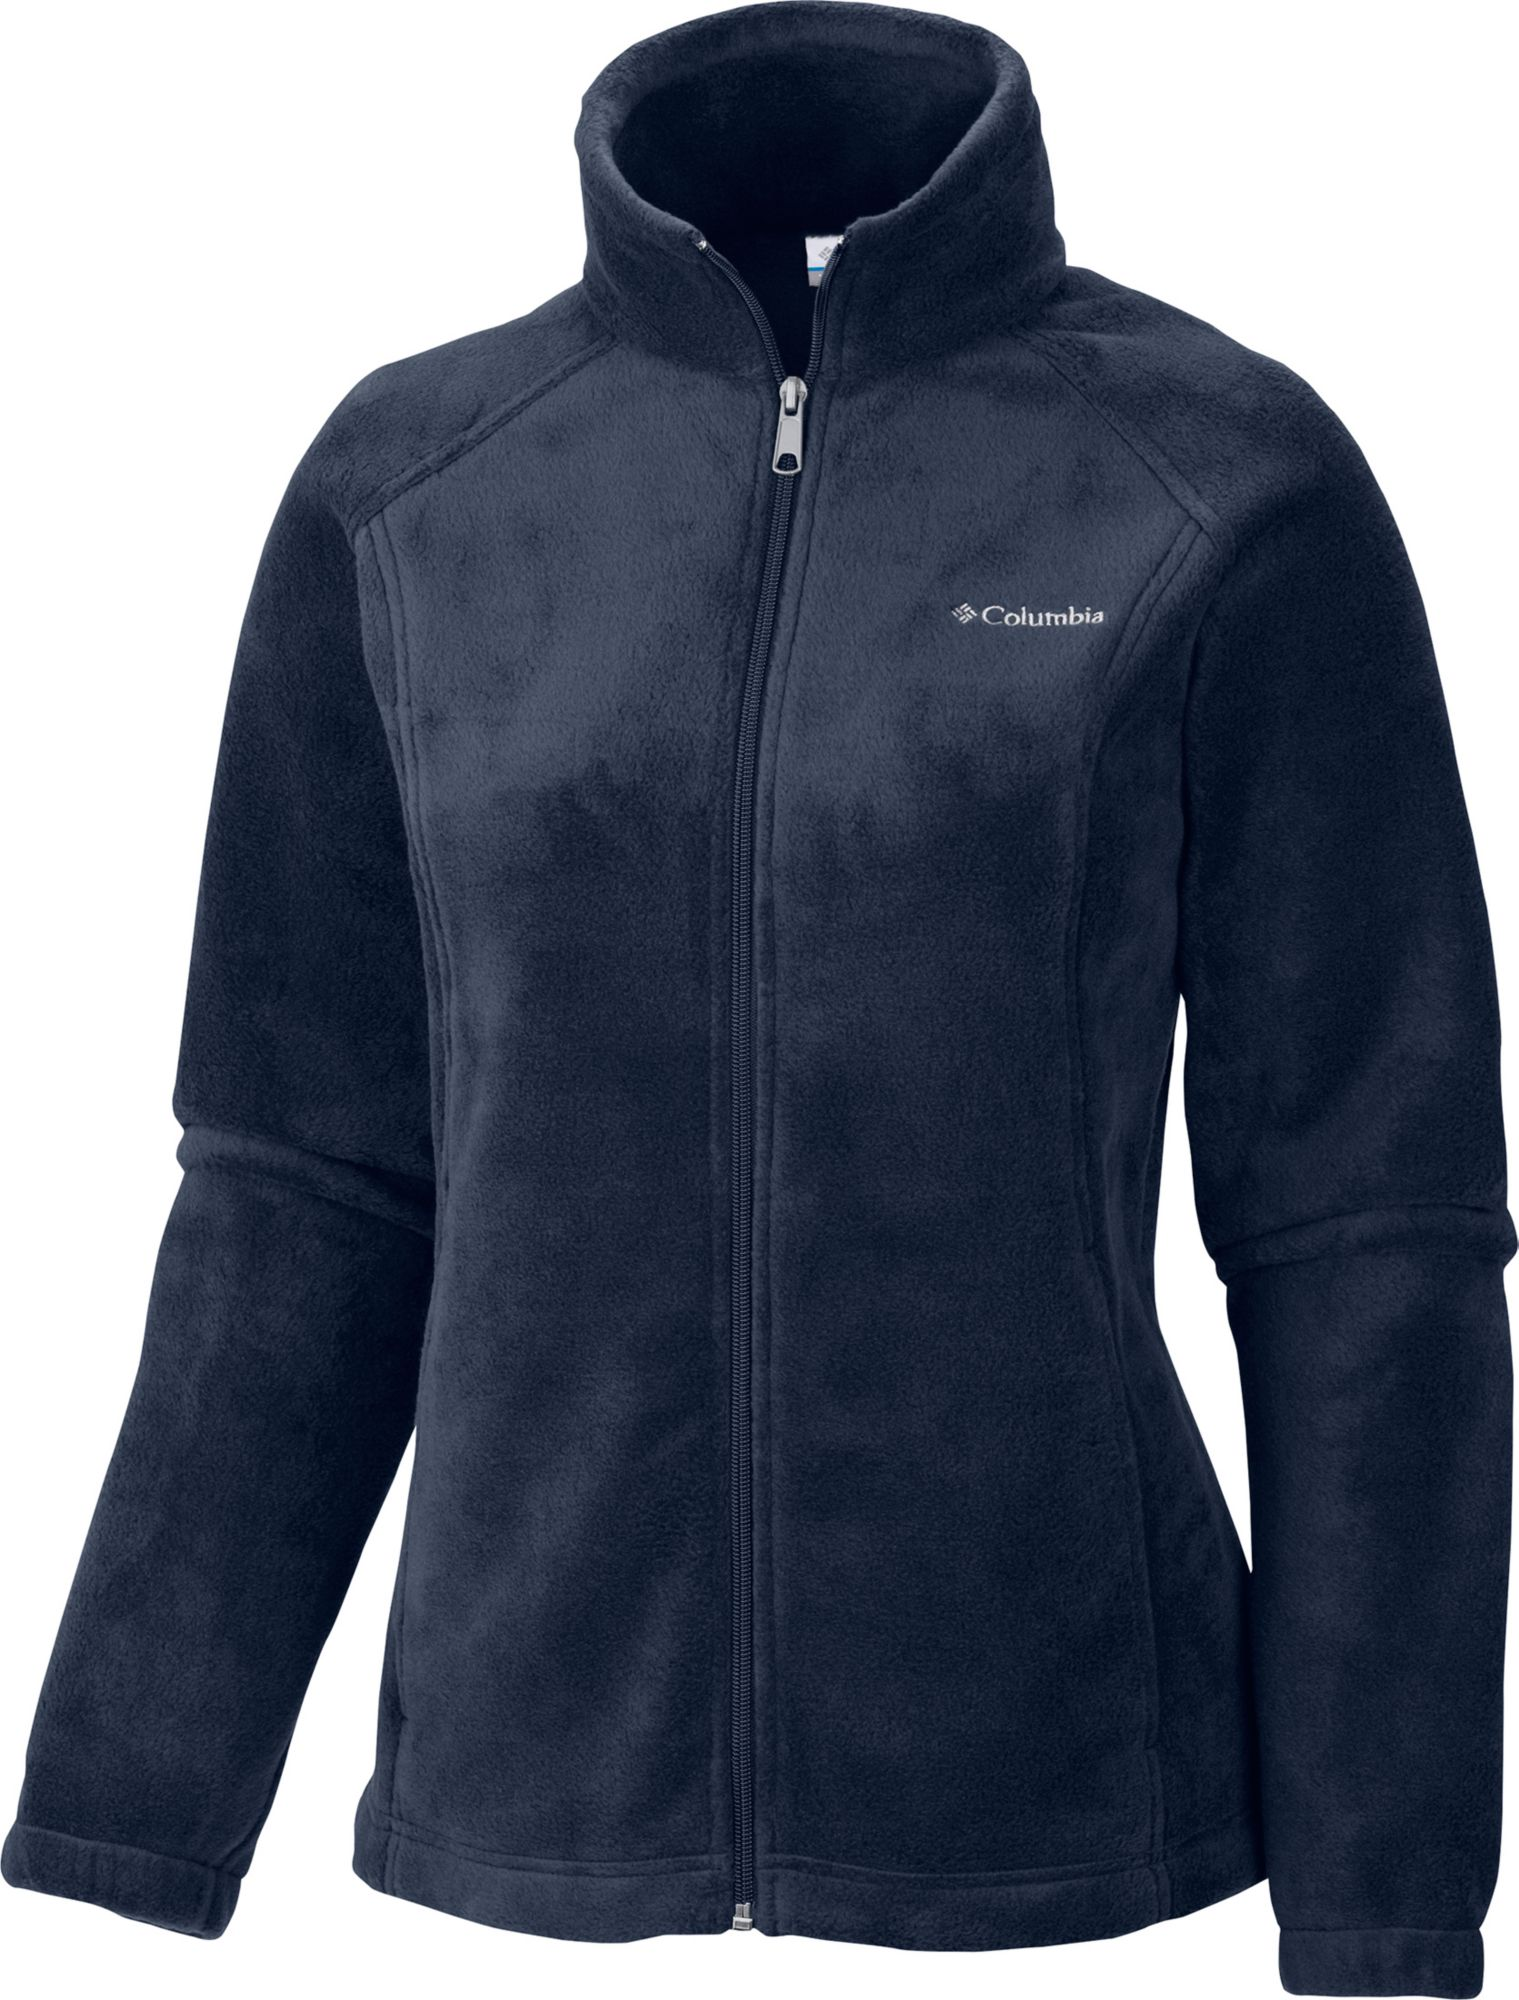 dd46320fc57 Columbia Women s Benton Springs Full Zip Fleece Jacket